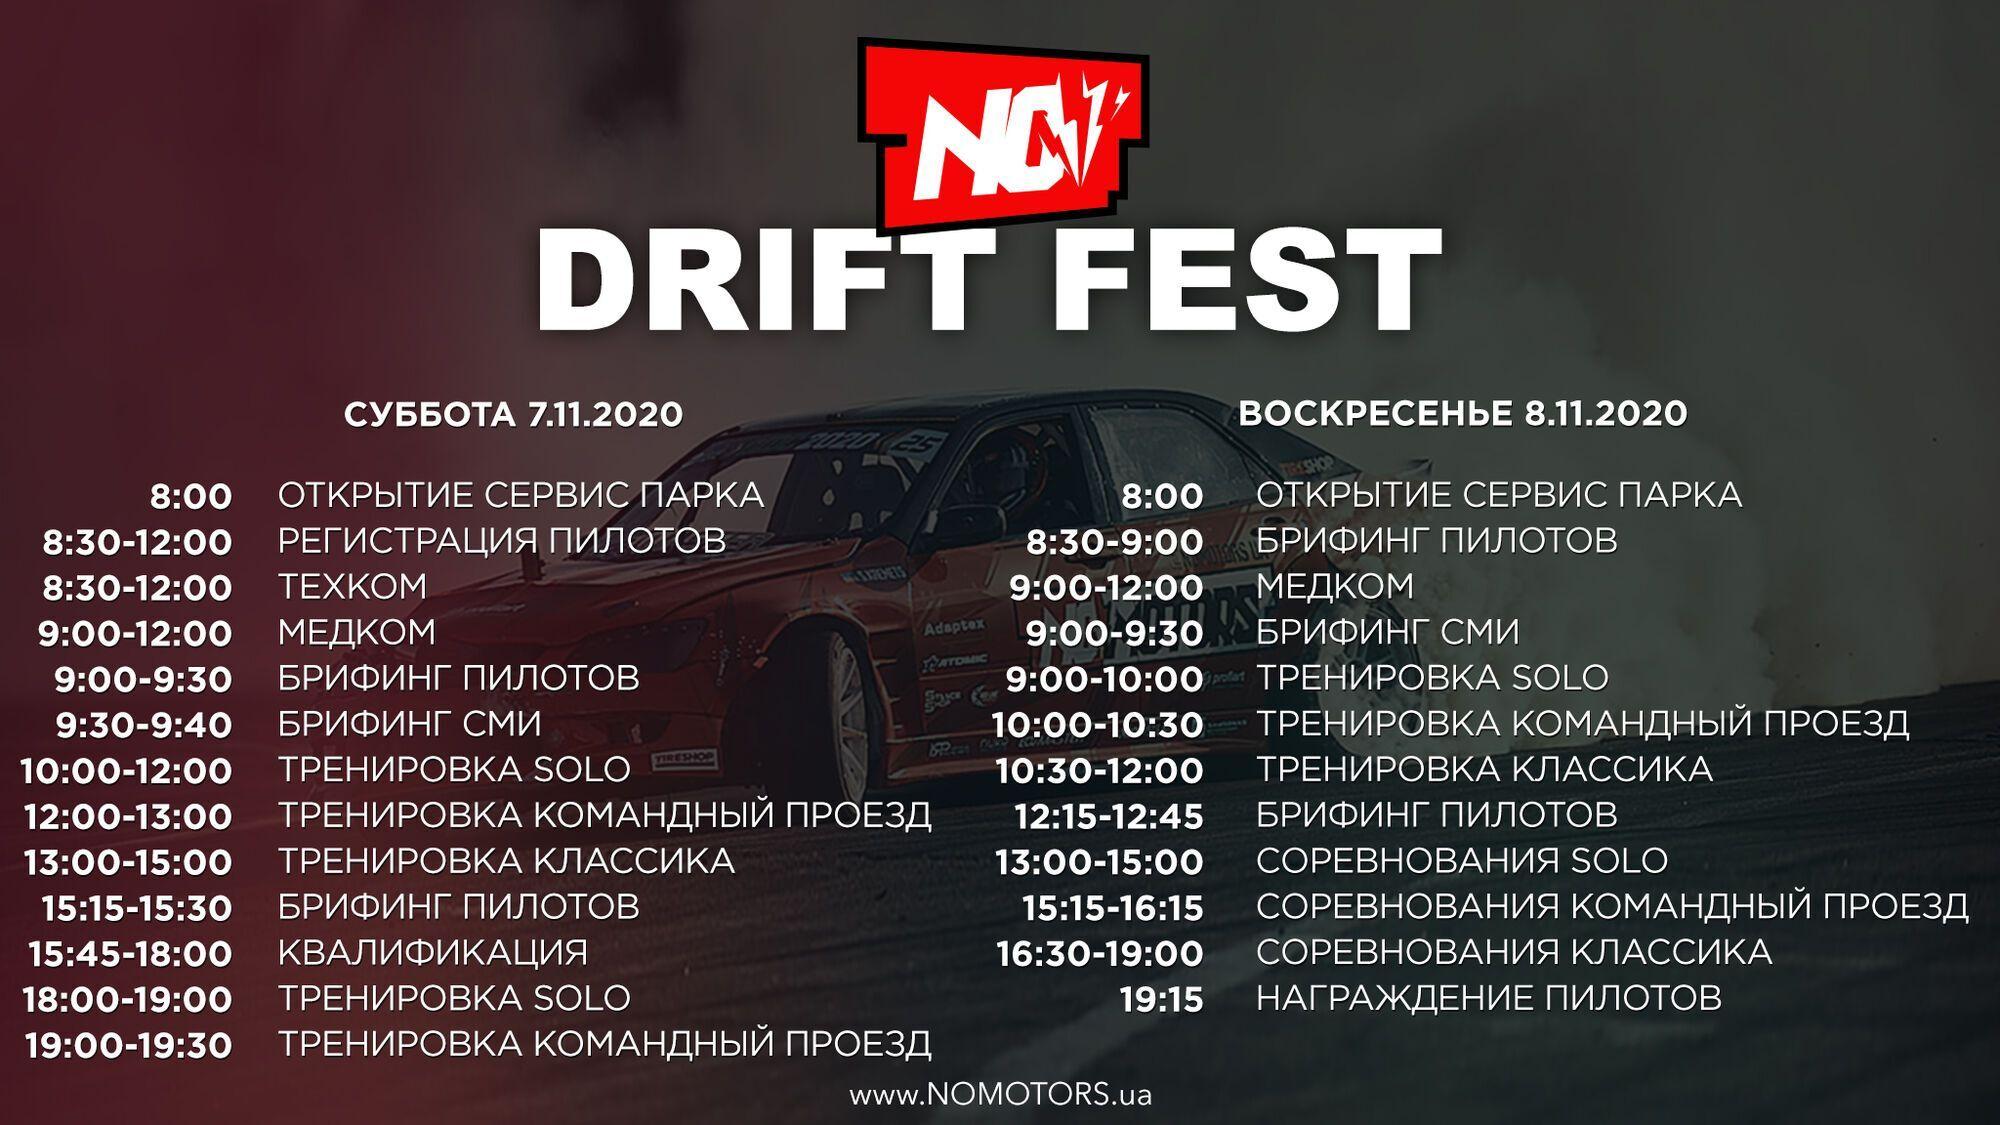 У Києві відбудеться фестиваль дрифту NoMotors Drift Fest